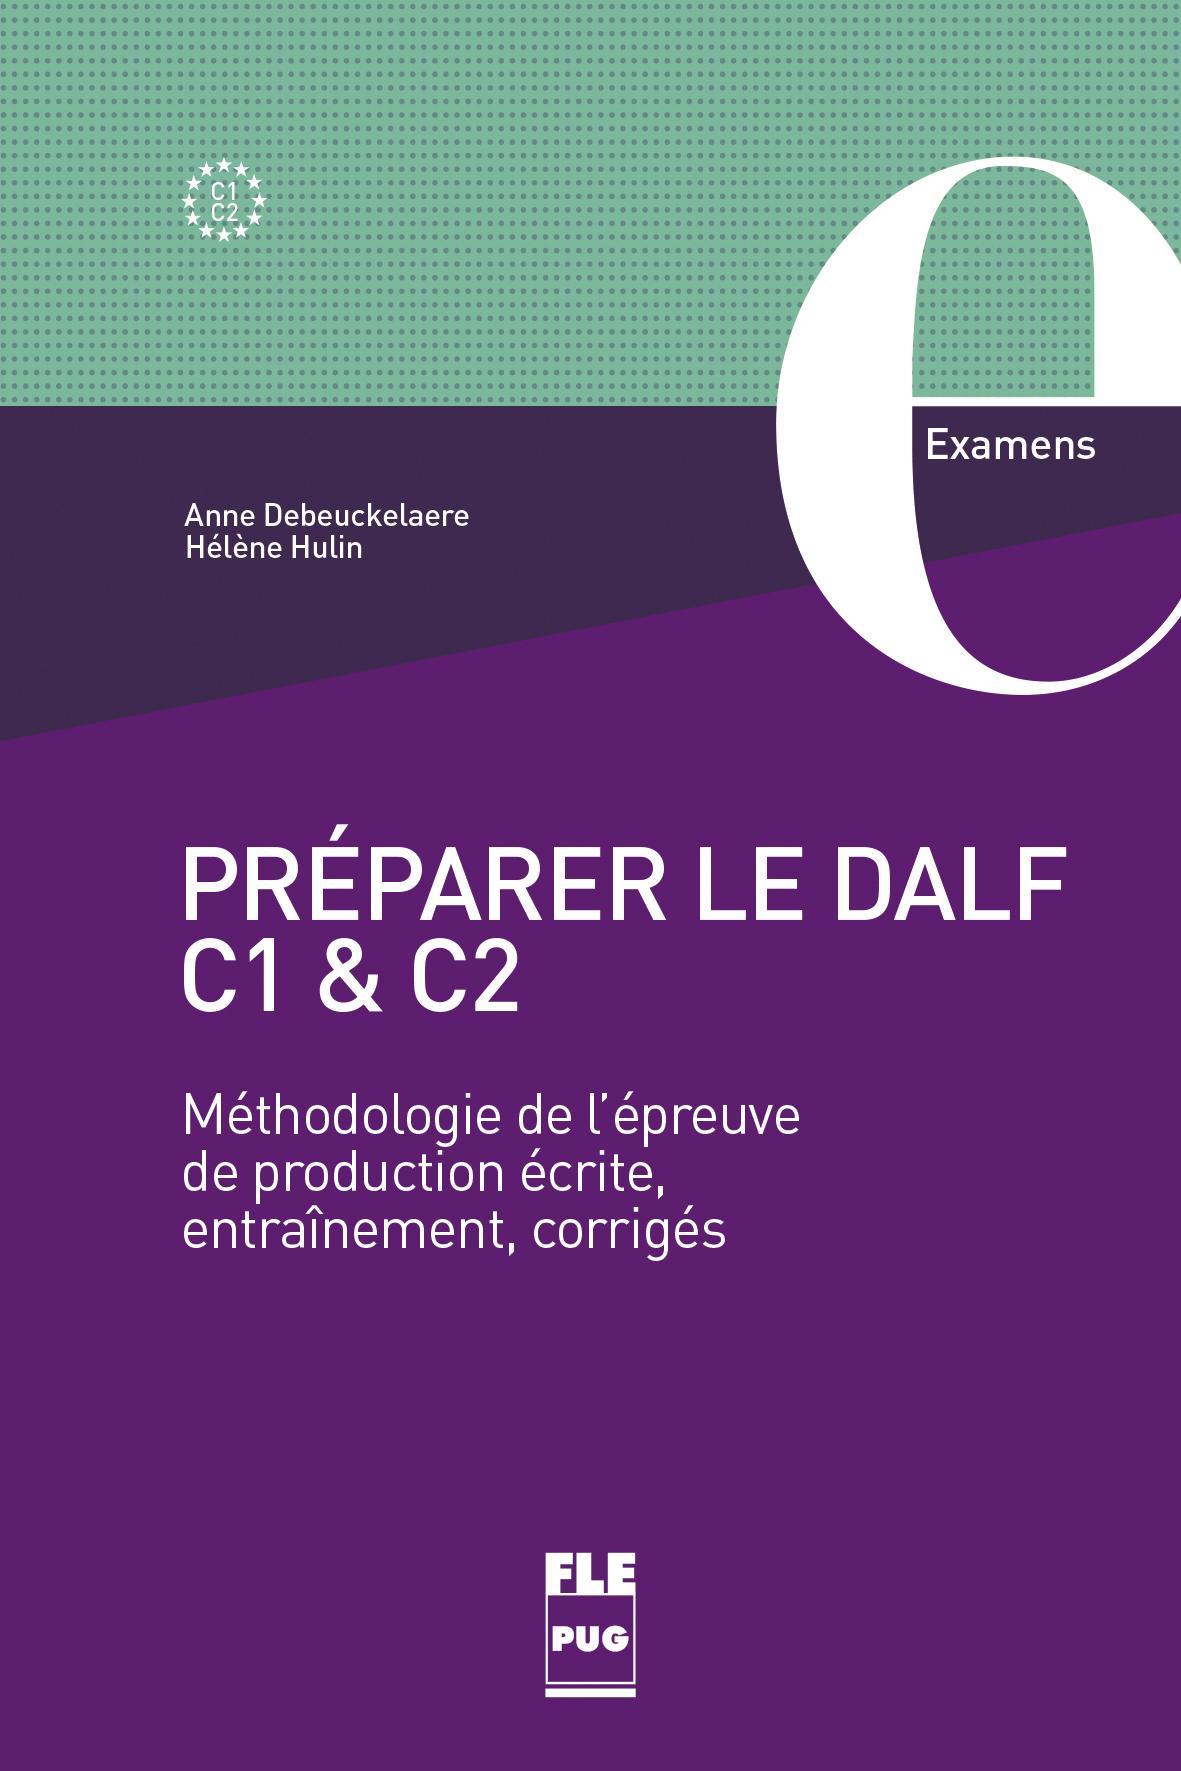 Preparer Le Dalf C1 C2 Methodologie De L Epreuve De Production Ecrite Entrainement Corriges Anne Debeuckelaere Helene Hulin Ean13 9782706129841 Pug Livres Papiers Et Numeriques En Ligne